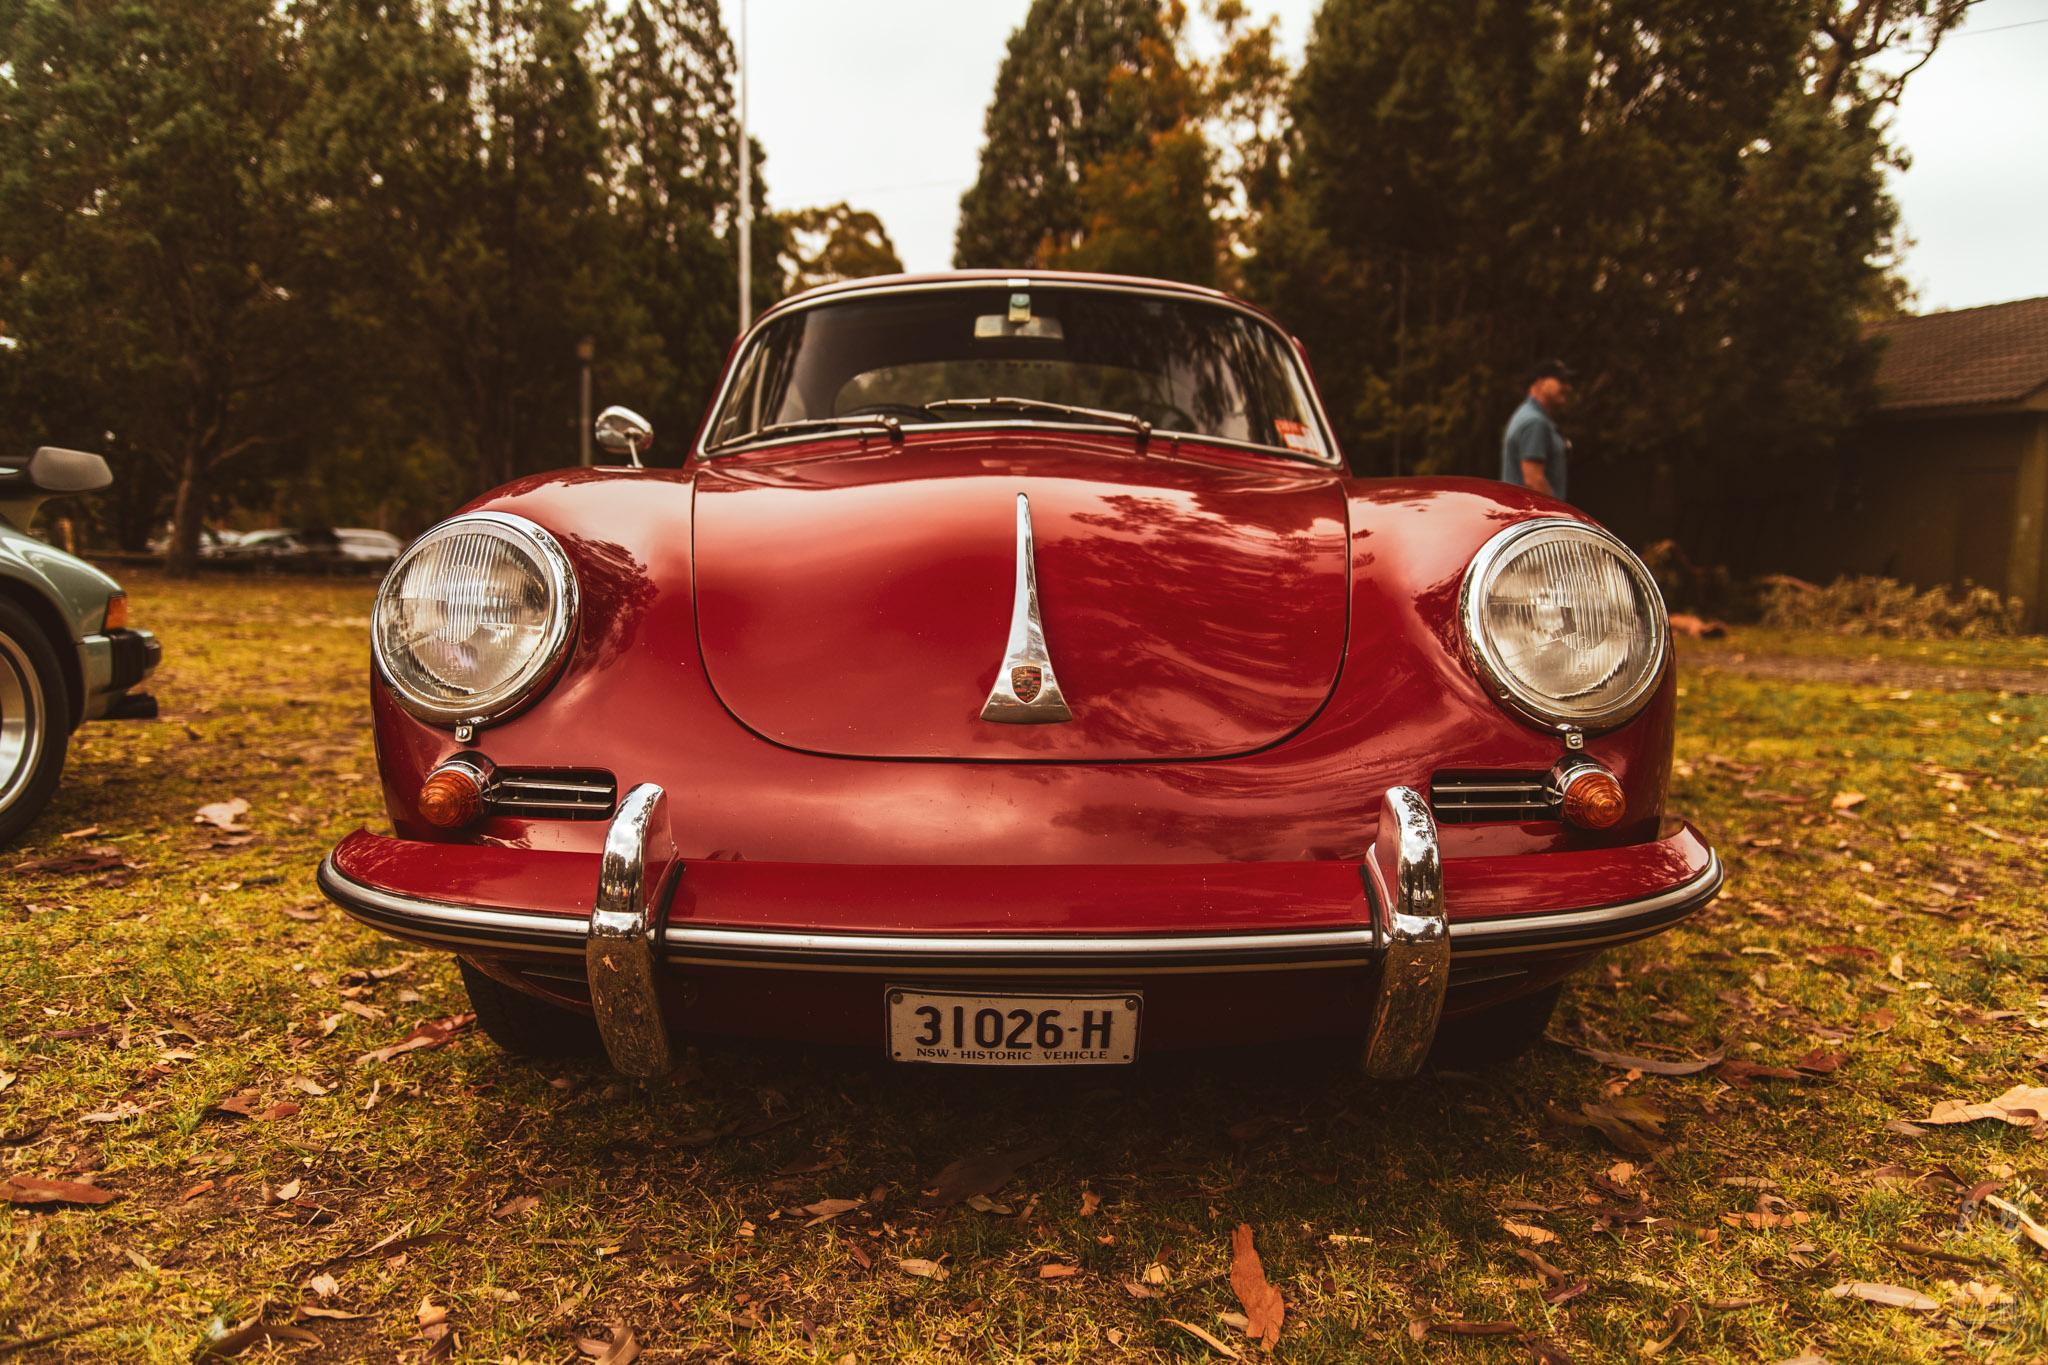 2019-12-08 - Porsches & Coffee 029